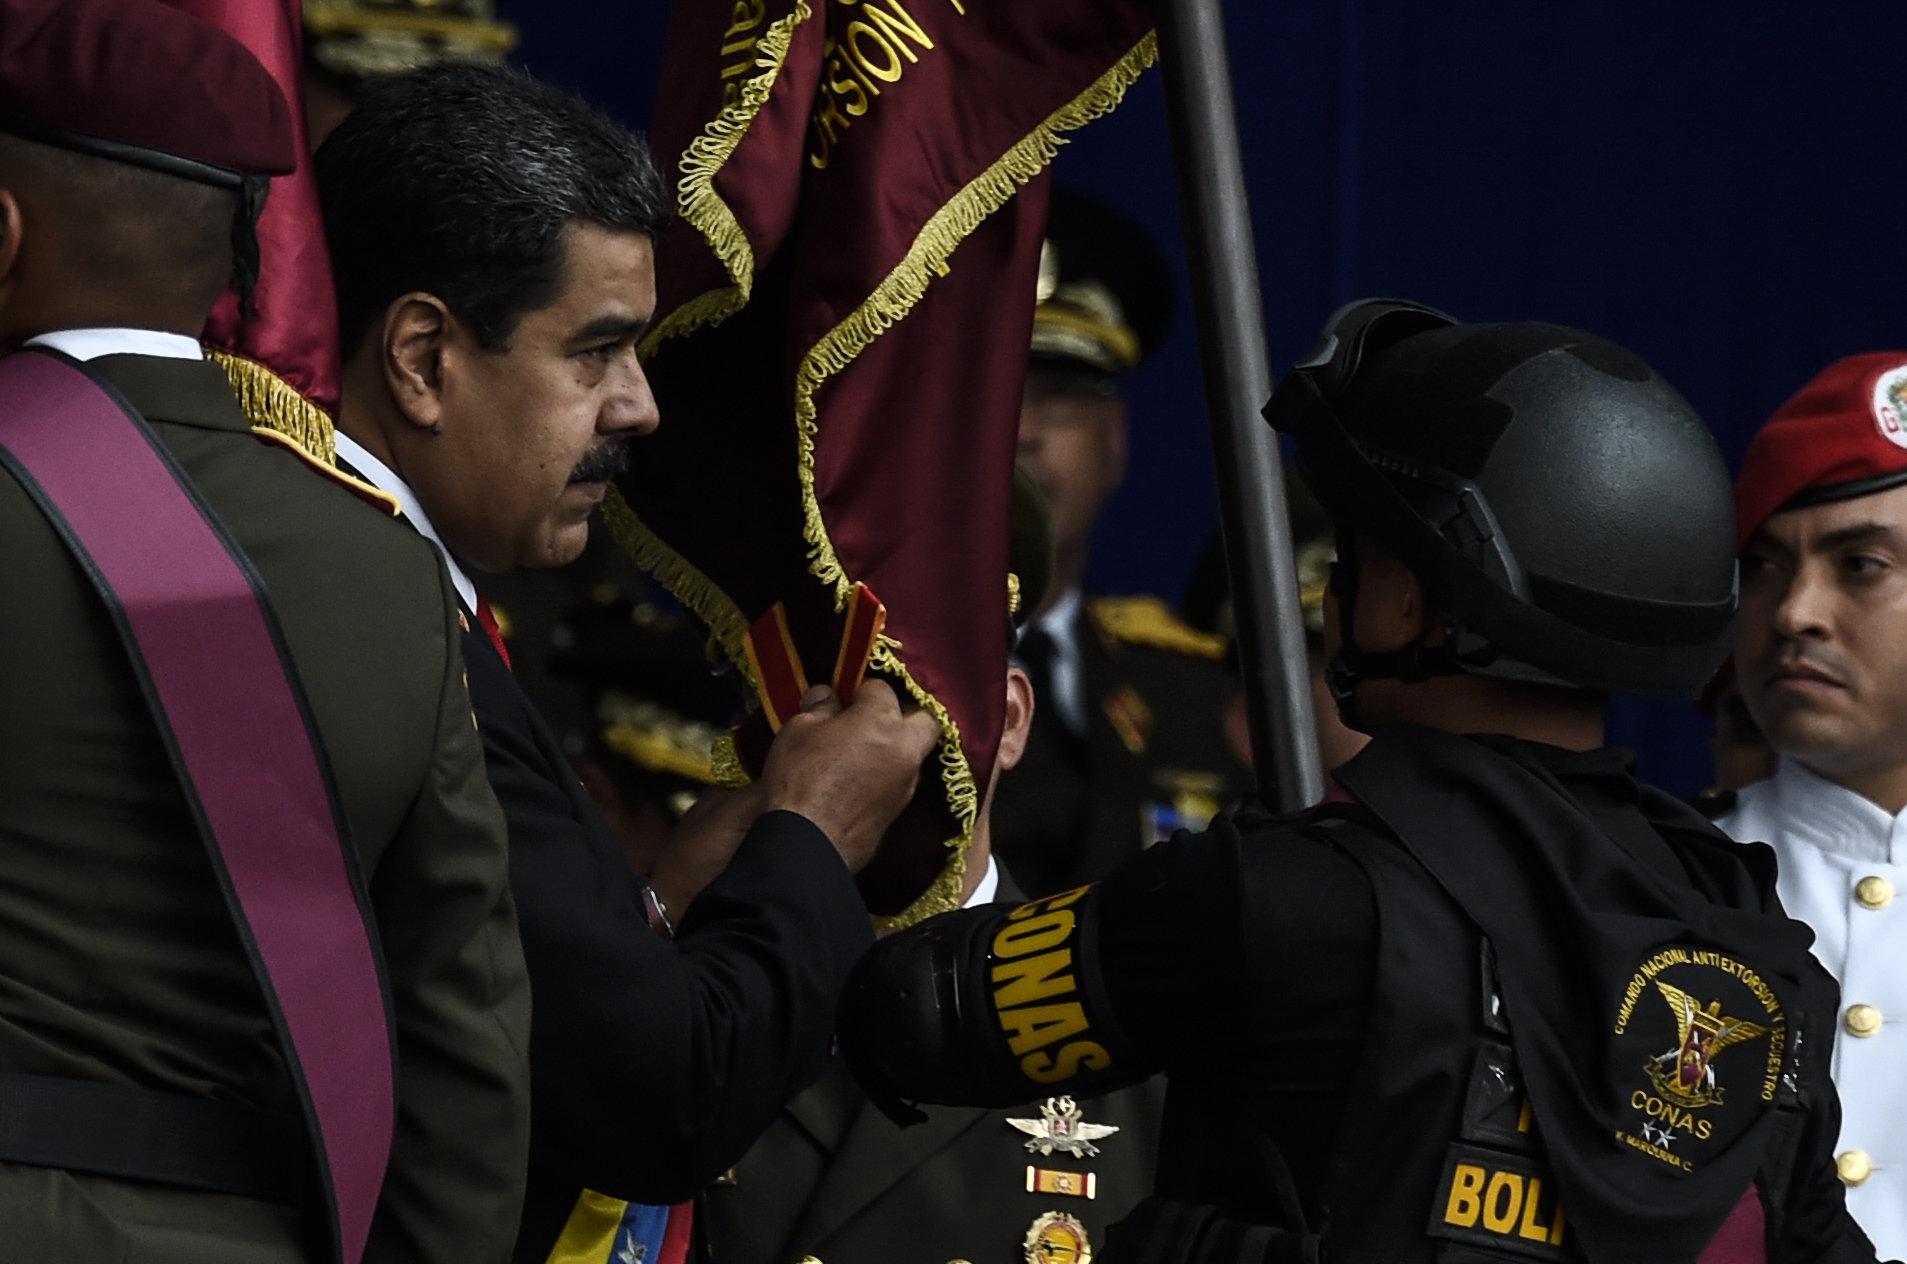 Drohnen-Anschlag auf Venezuela-Präsident Maduro: Video zeigt Schockmoment der